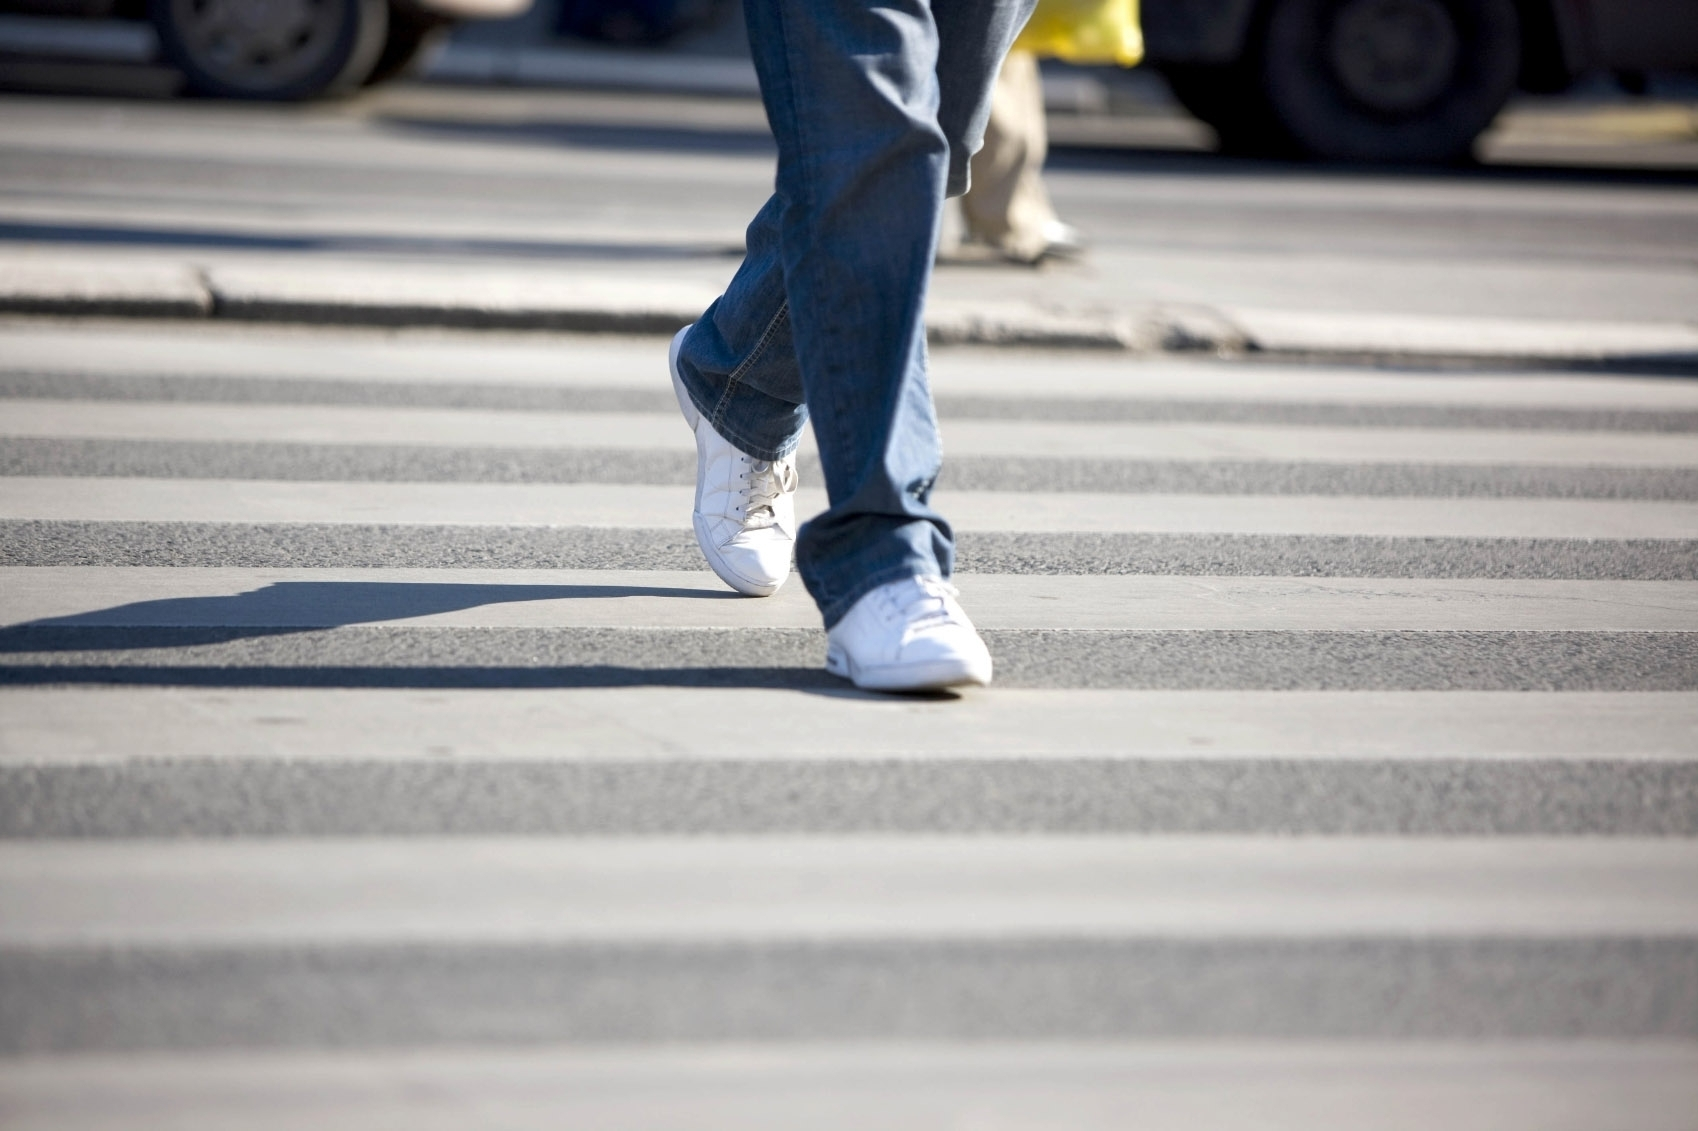 Pešci slabo skrbijo za svojo varnost v prometu